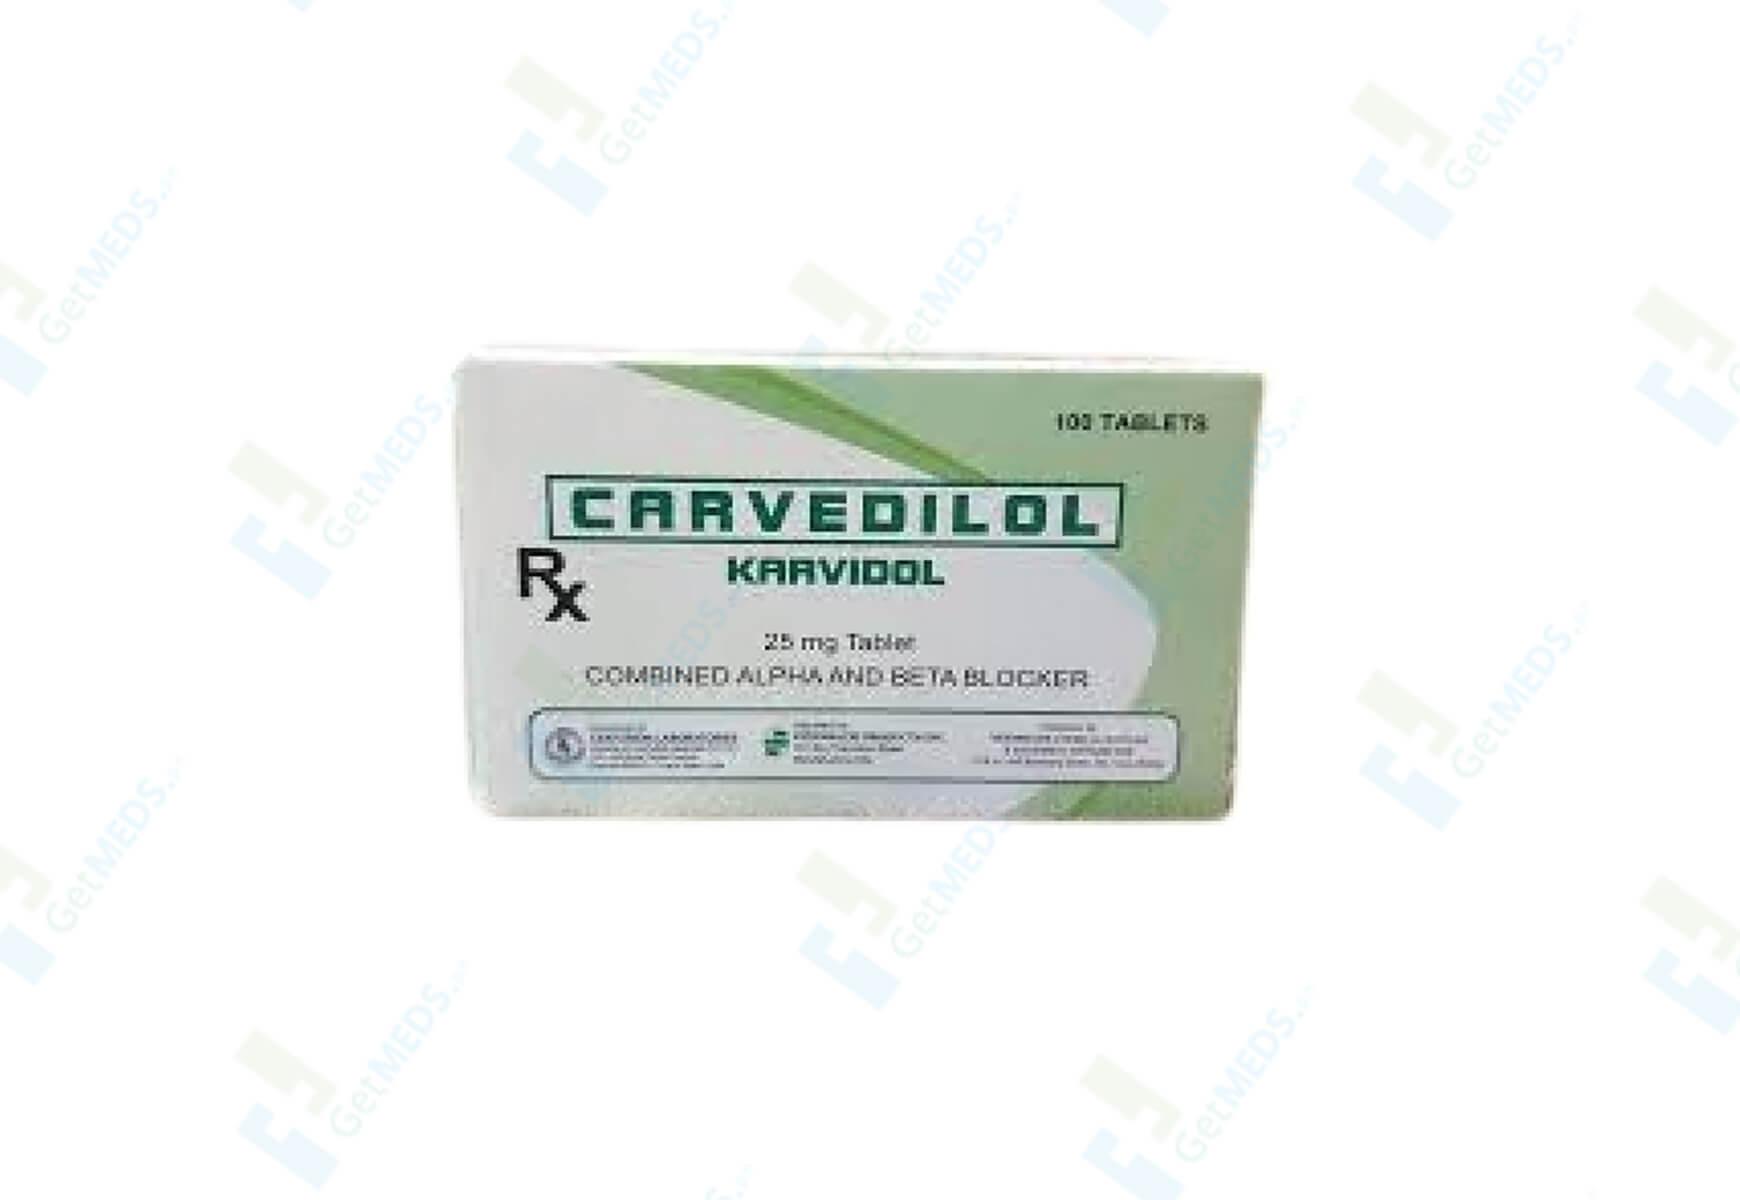 Karvidol